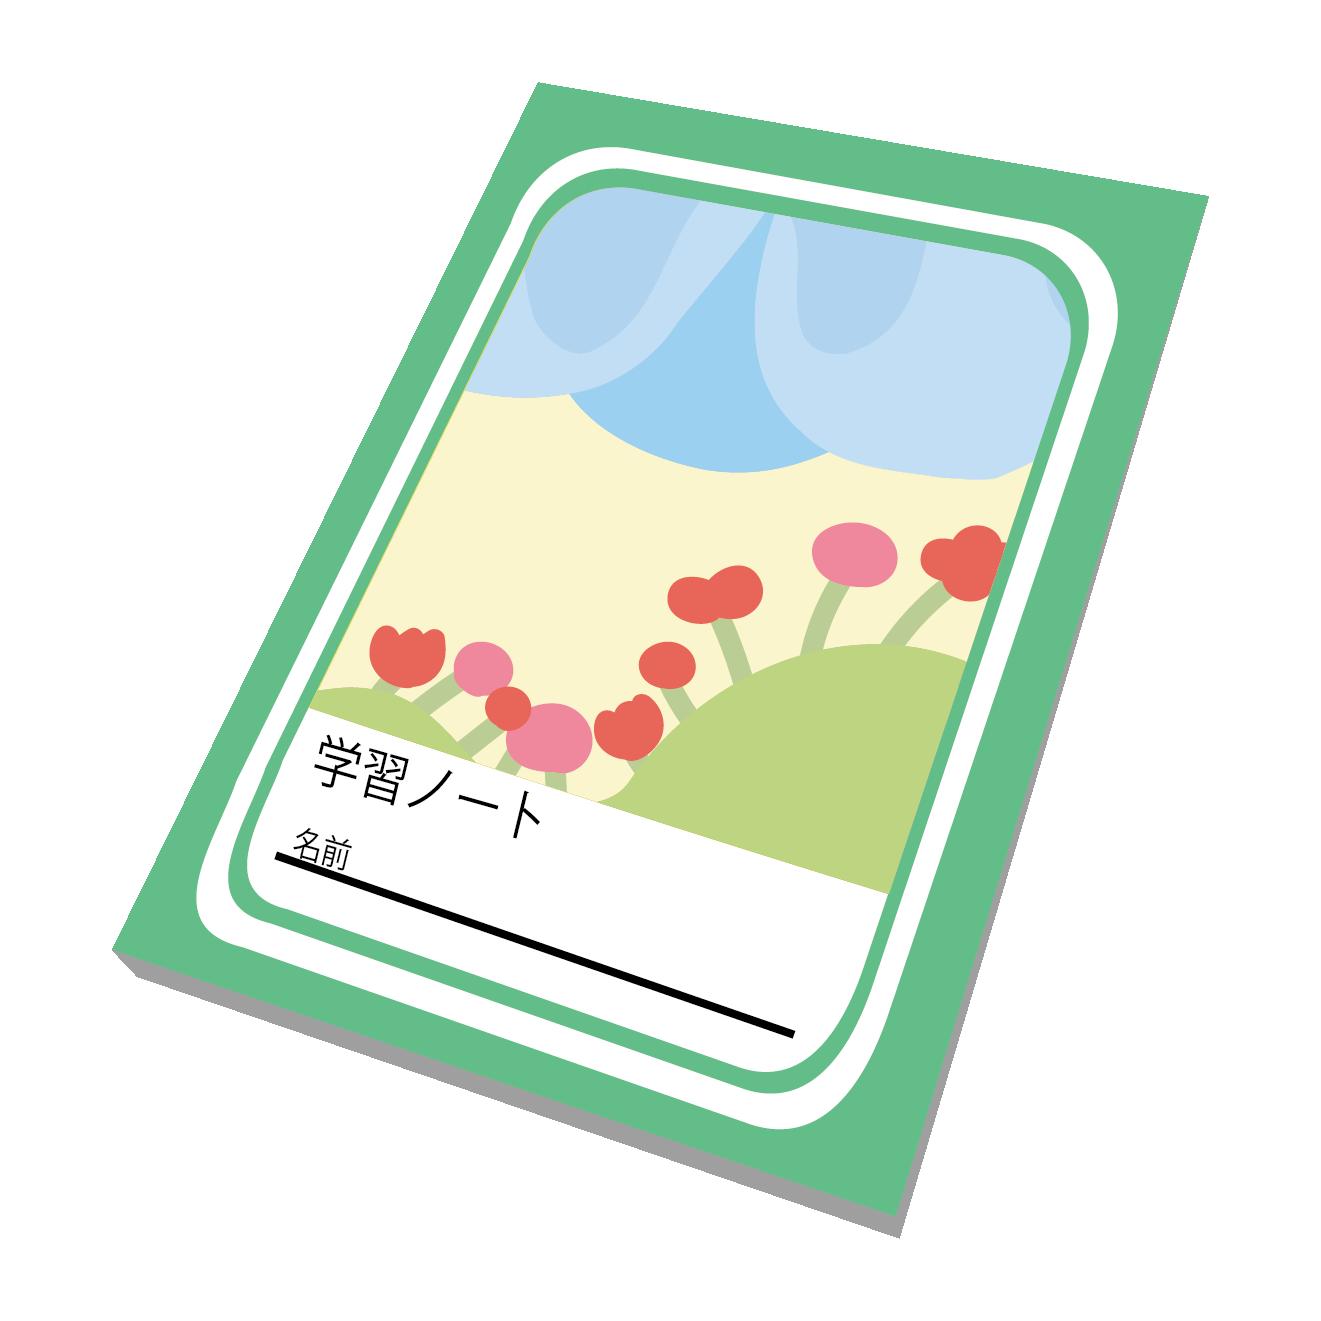 かわいい学習帳ノートのイラスト 商用フリー無料のイラスト素材